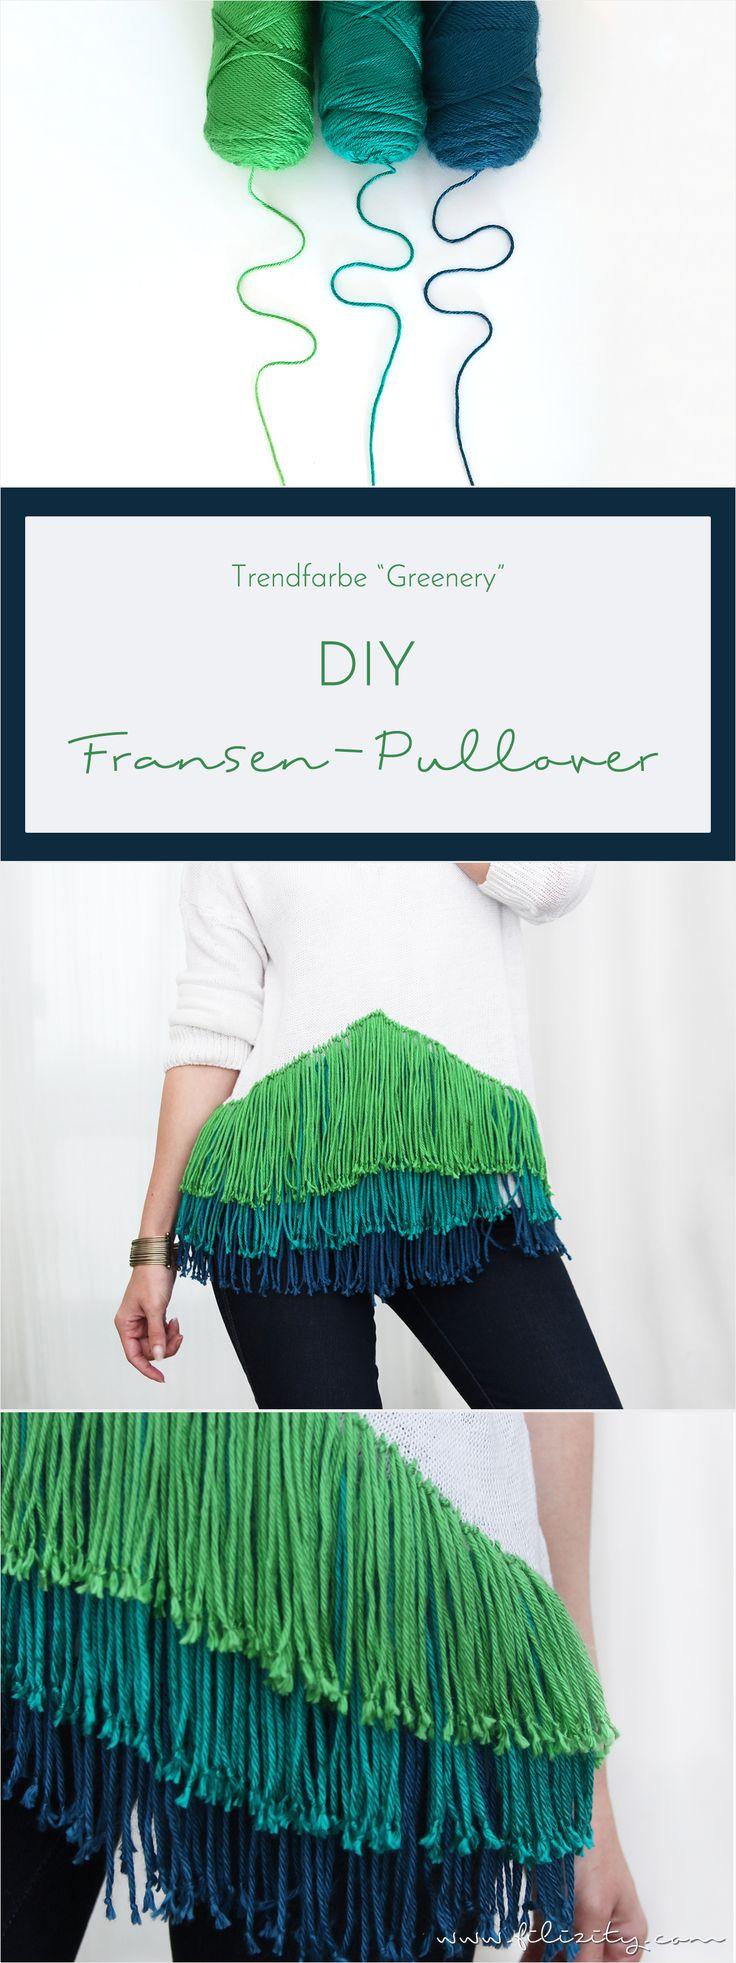 DIY Fransen-Pullover in Greenery Grün und Blau #fransen #greenery